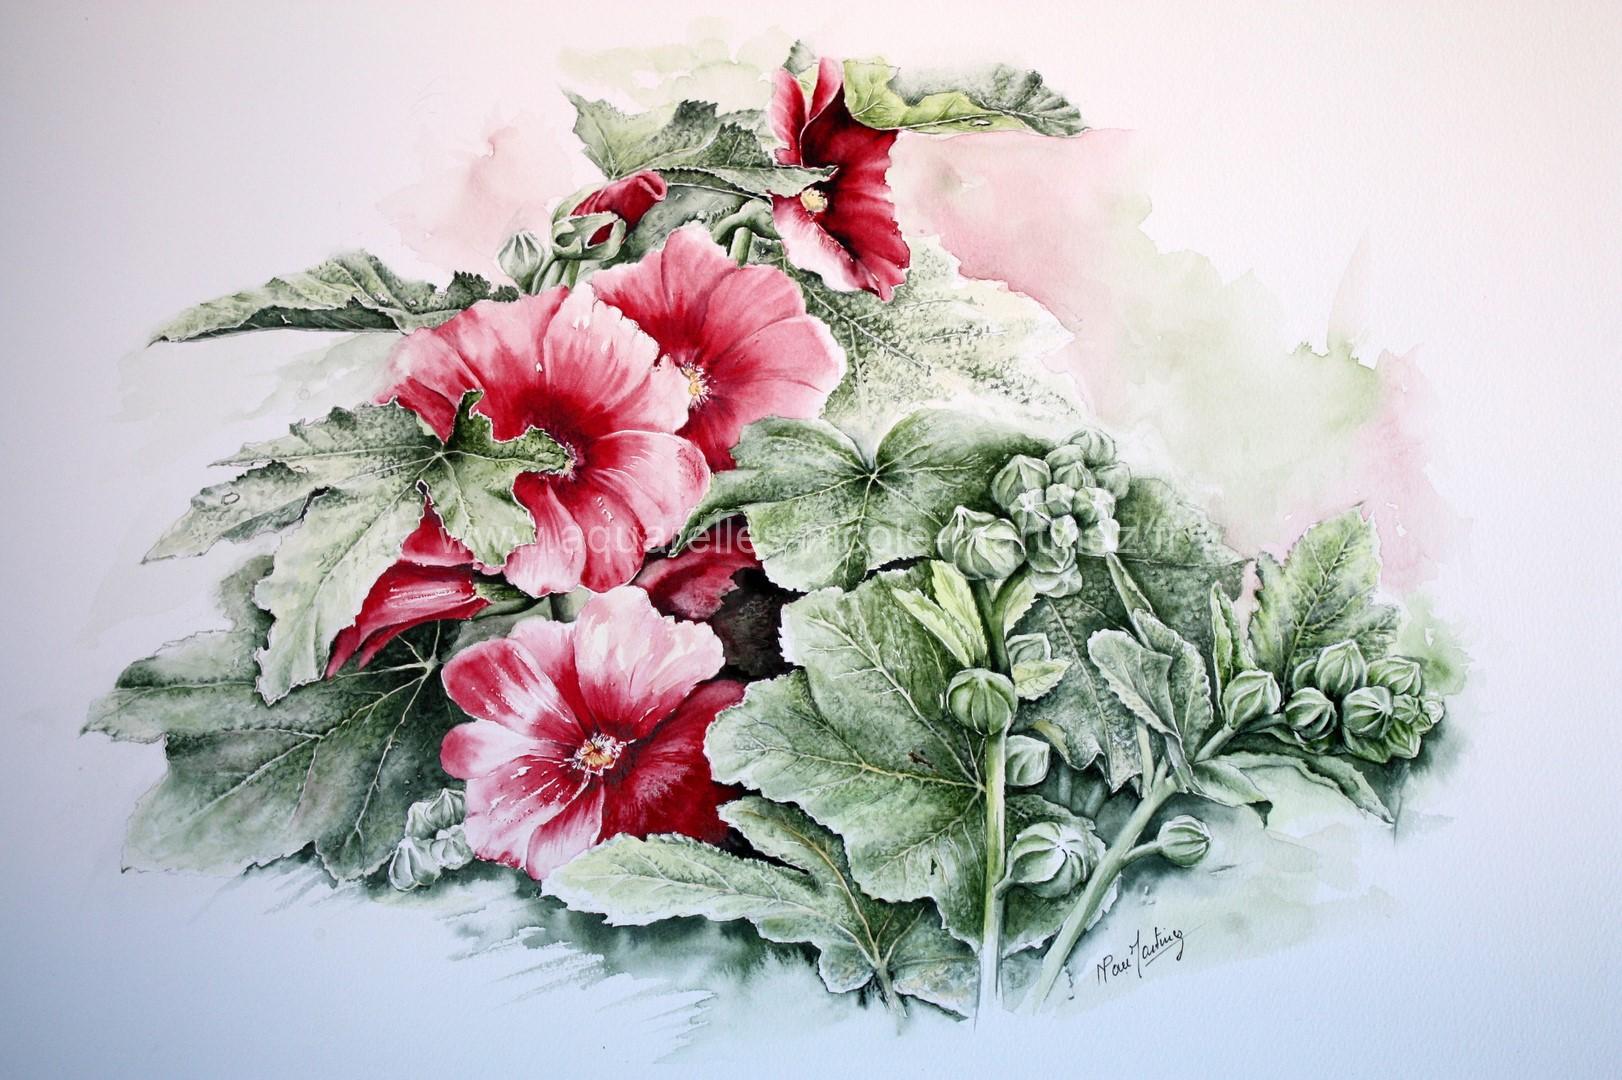 Fleurs site aquarelles nicole martinez for Site de fleurs